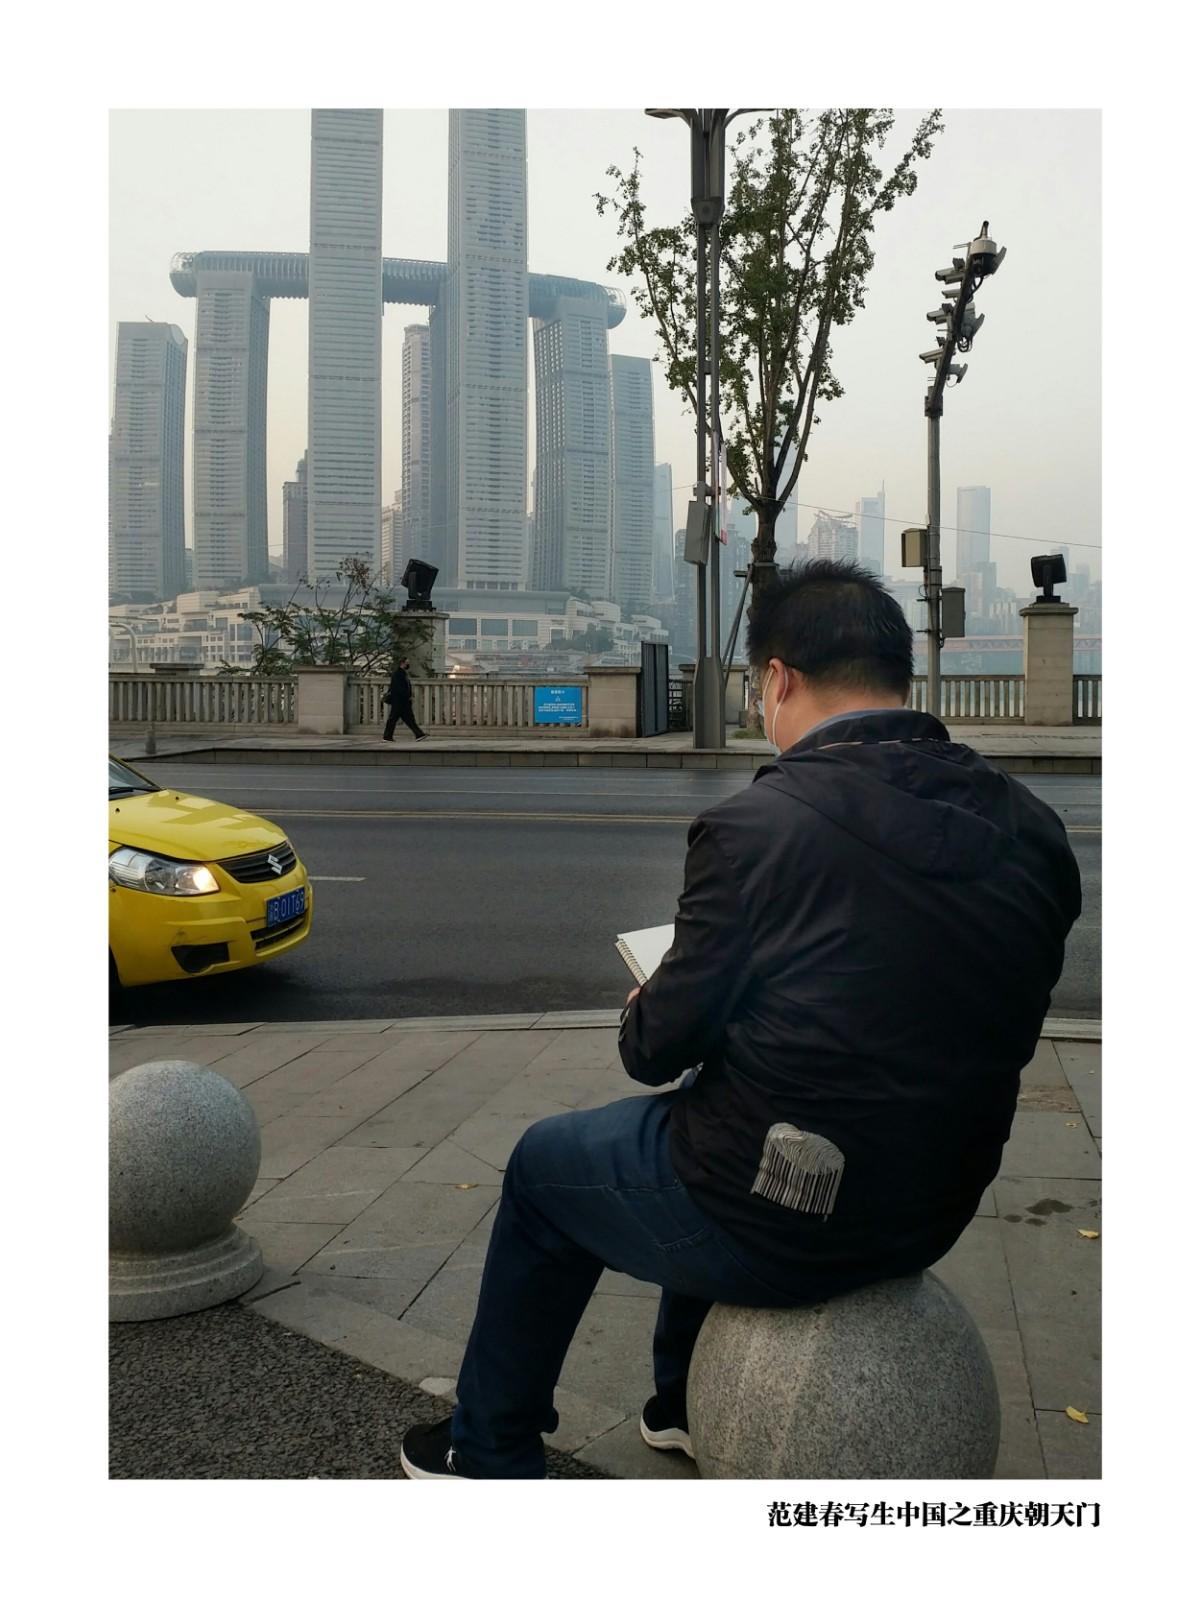 范建春老师写生中国之山城重庆_图1-8